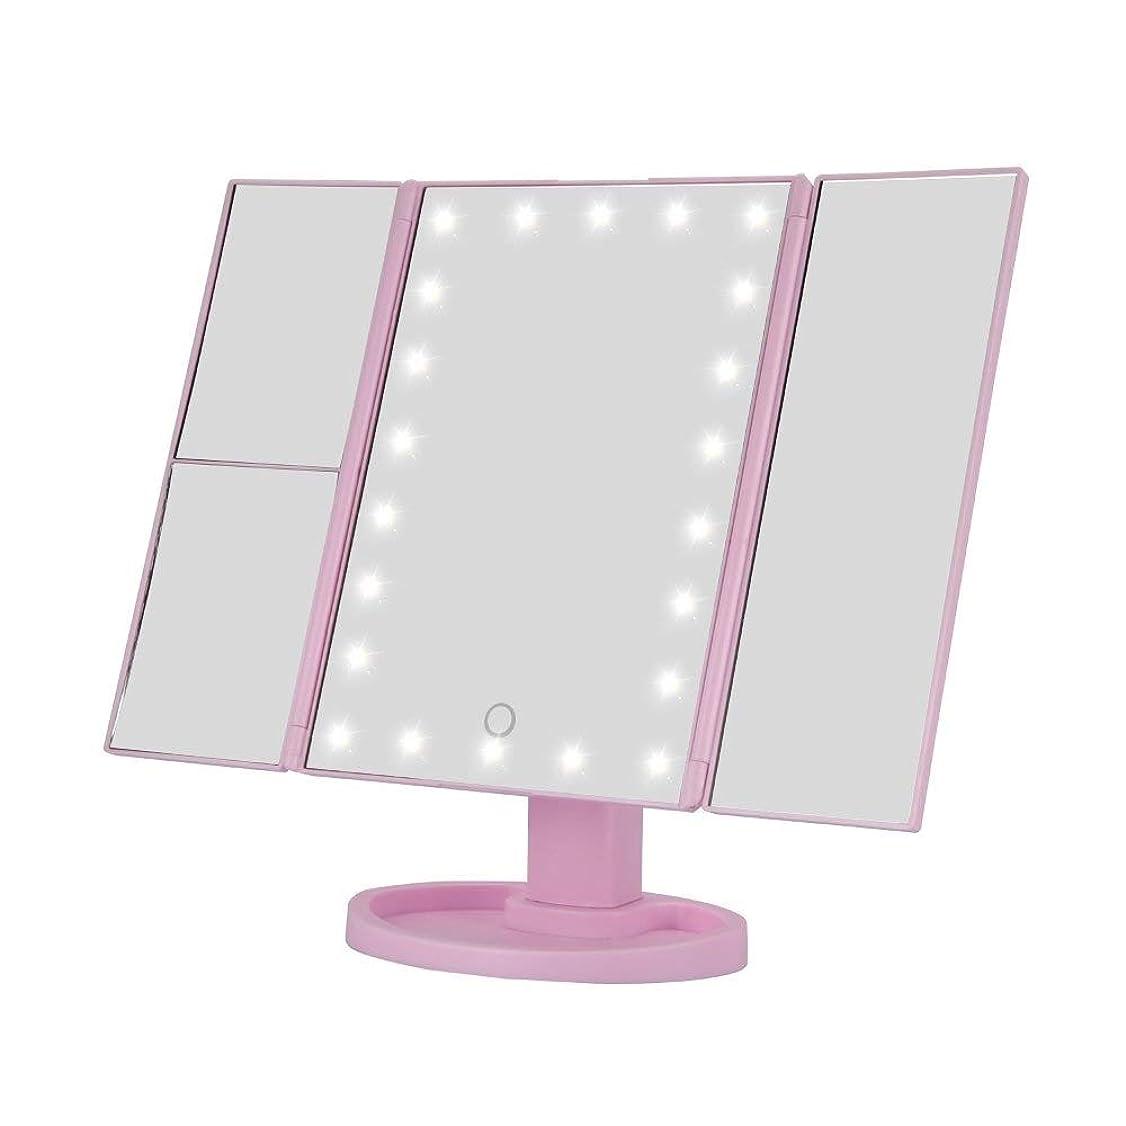 剪断最大裏切る化粧鏡LED化粧鏡 3つ折りバニティミラー 女優ミラー 三面鏡 鏡卓上鏡 化粧鏡 化粧ミラー 鏡 折りたたみ式 LEDライト付き 明るさ調整可能 電池&USB 2(ピンク)